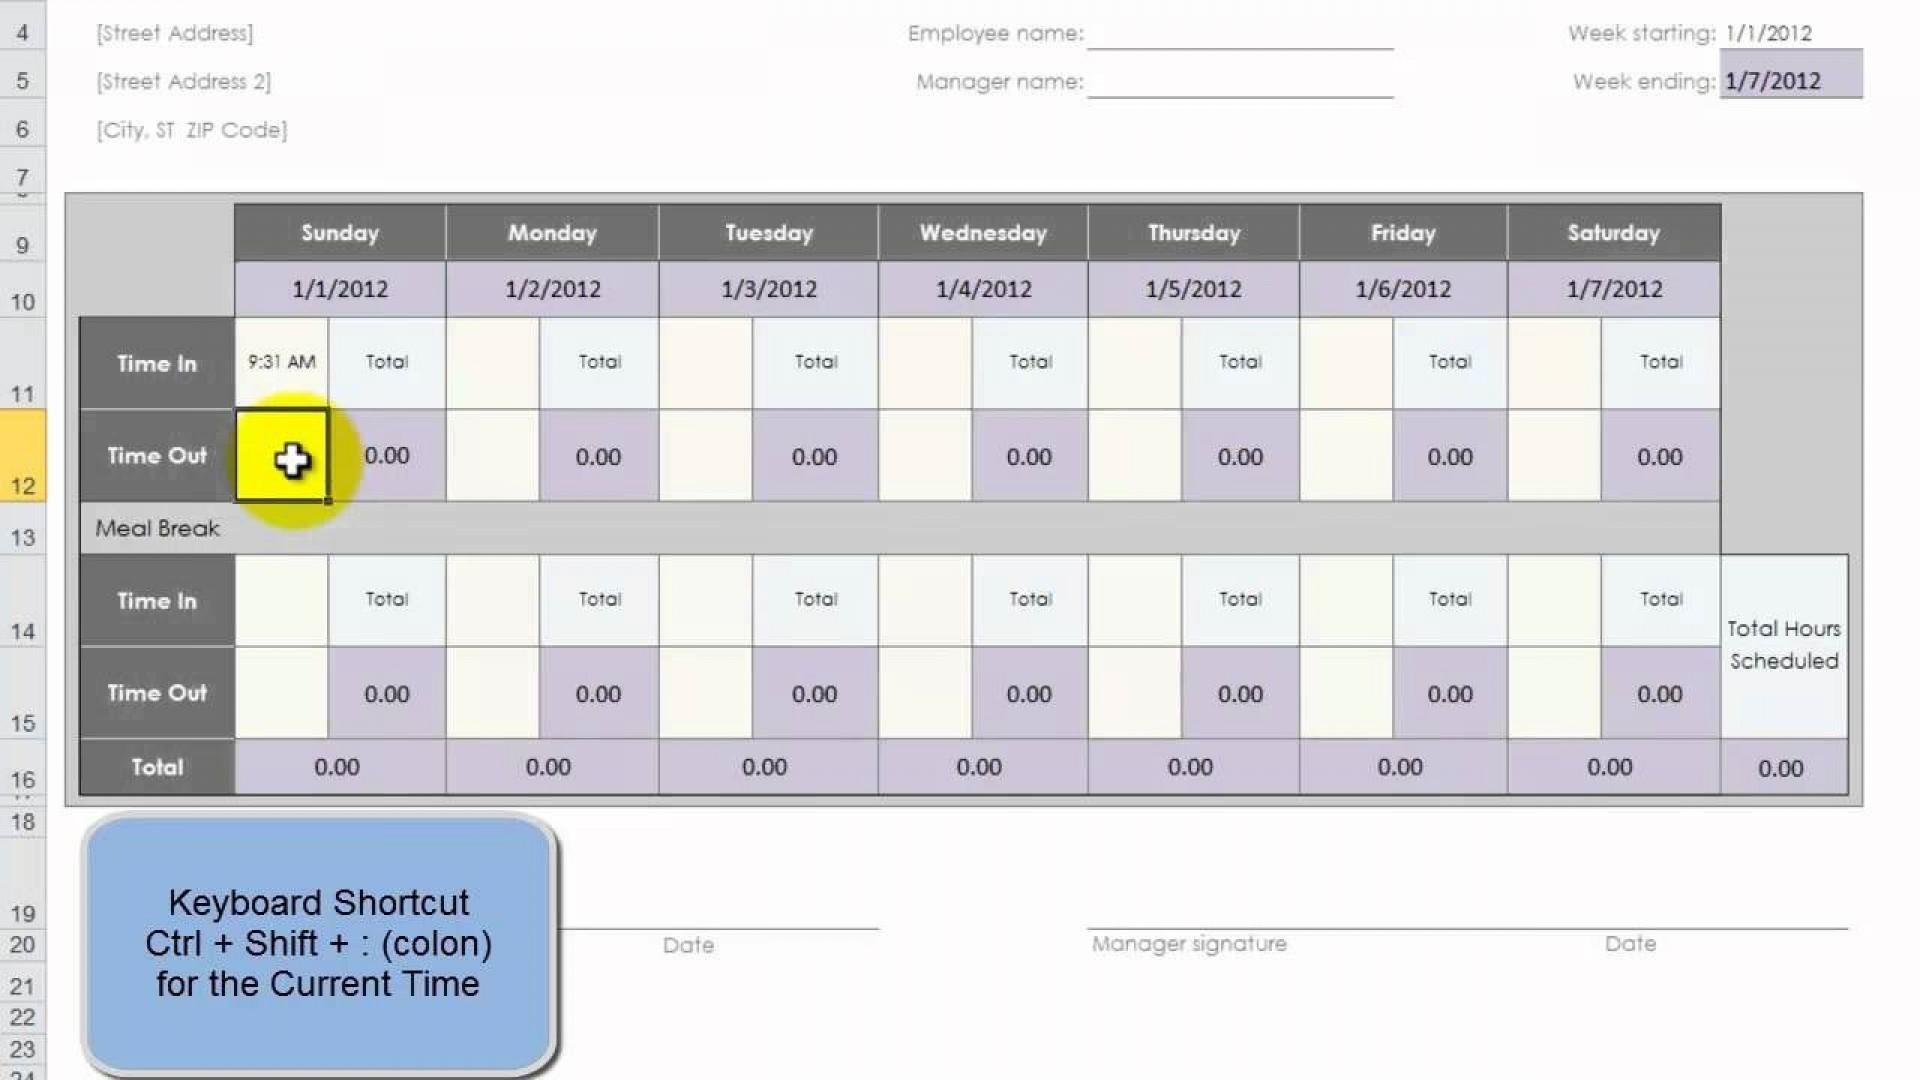 001 Breathtaking 52 Week Calendar Template Excel Photo  2020 2019 20211920